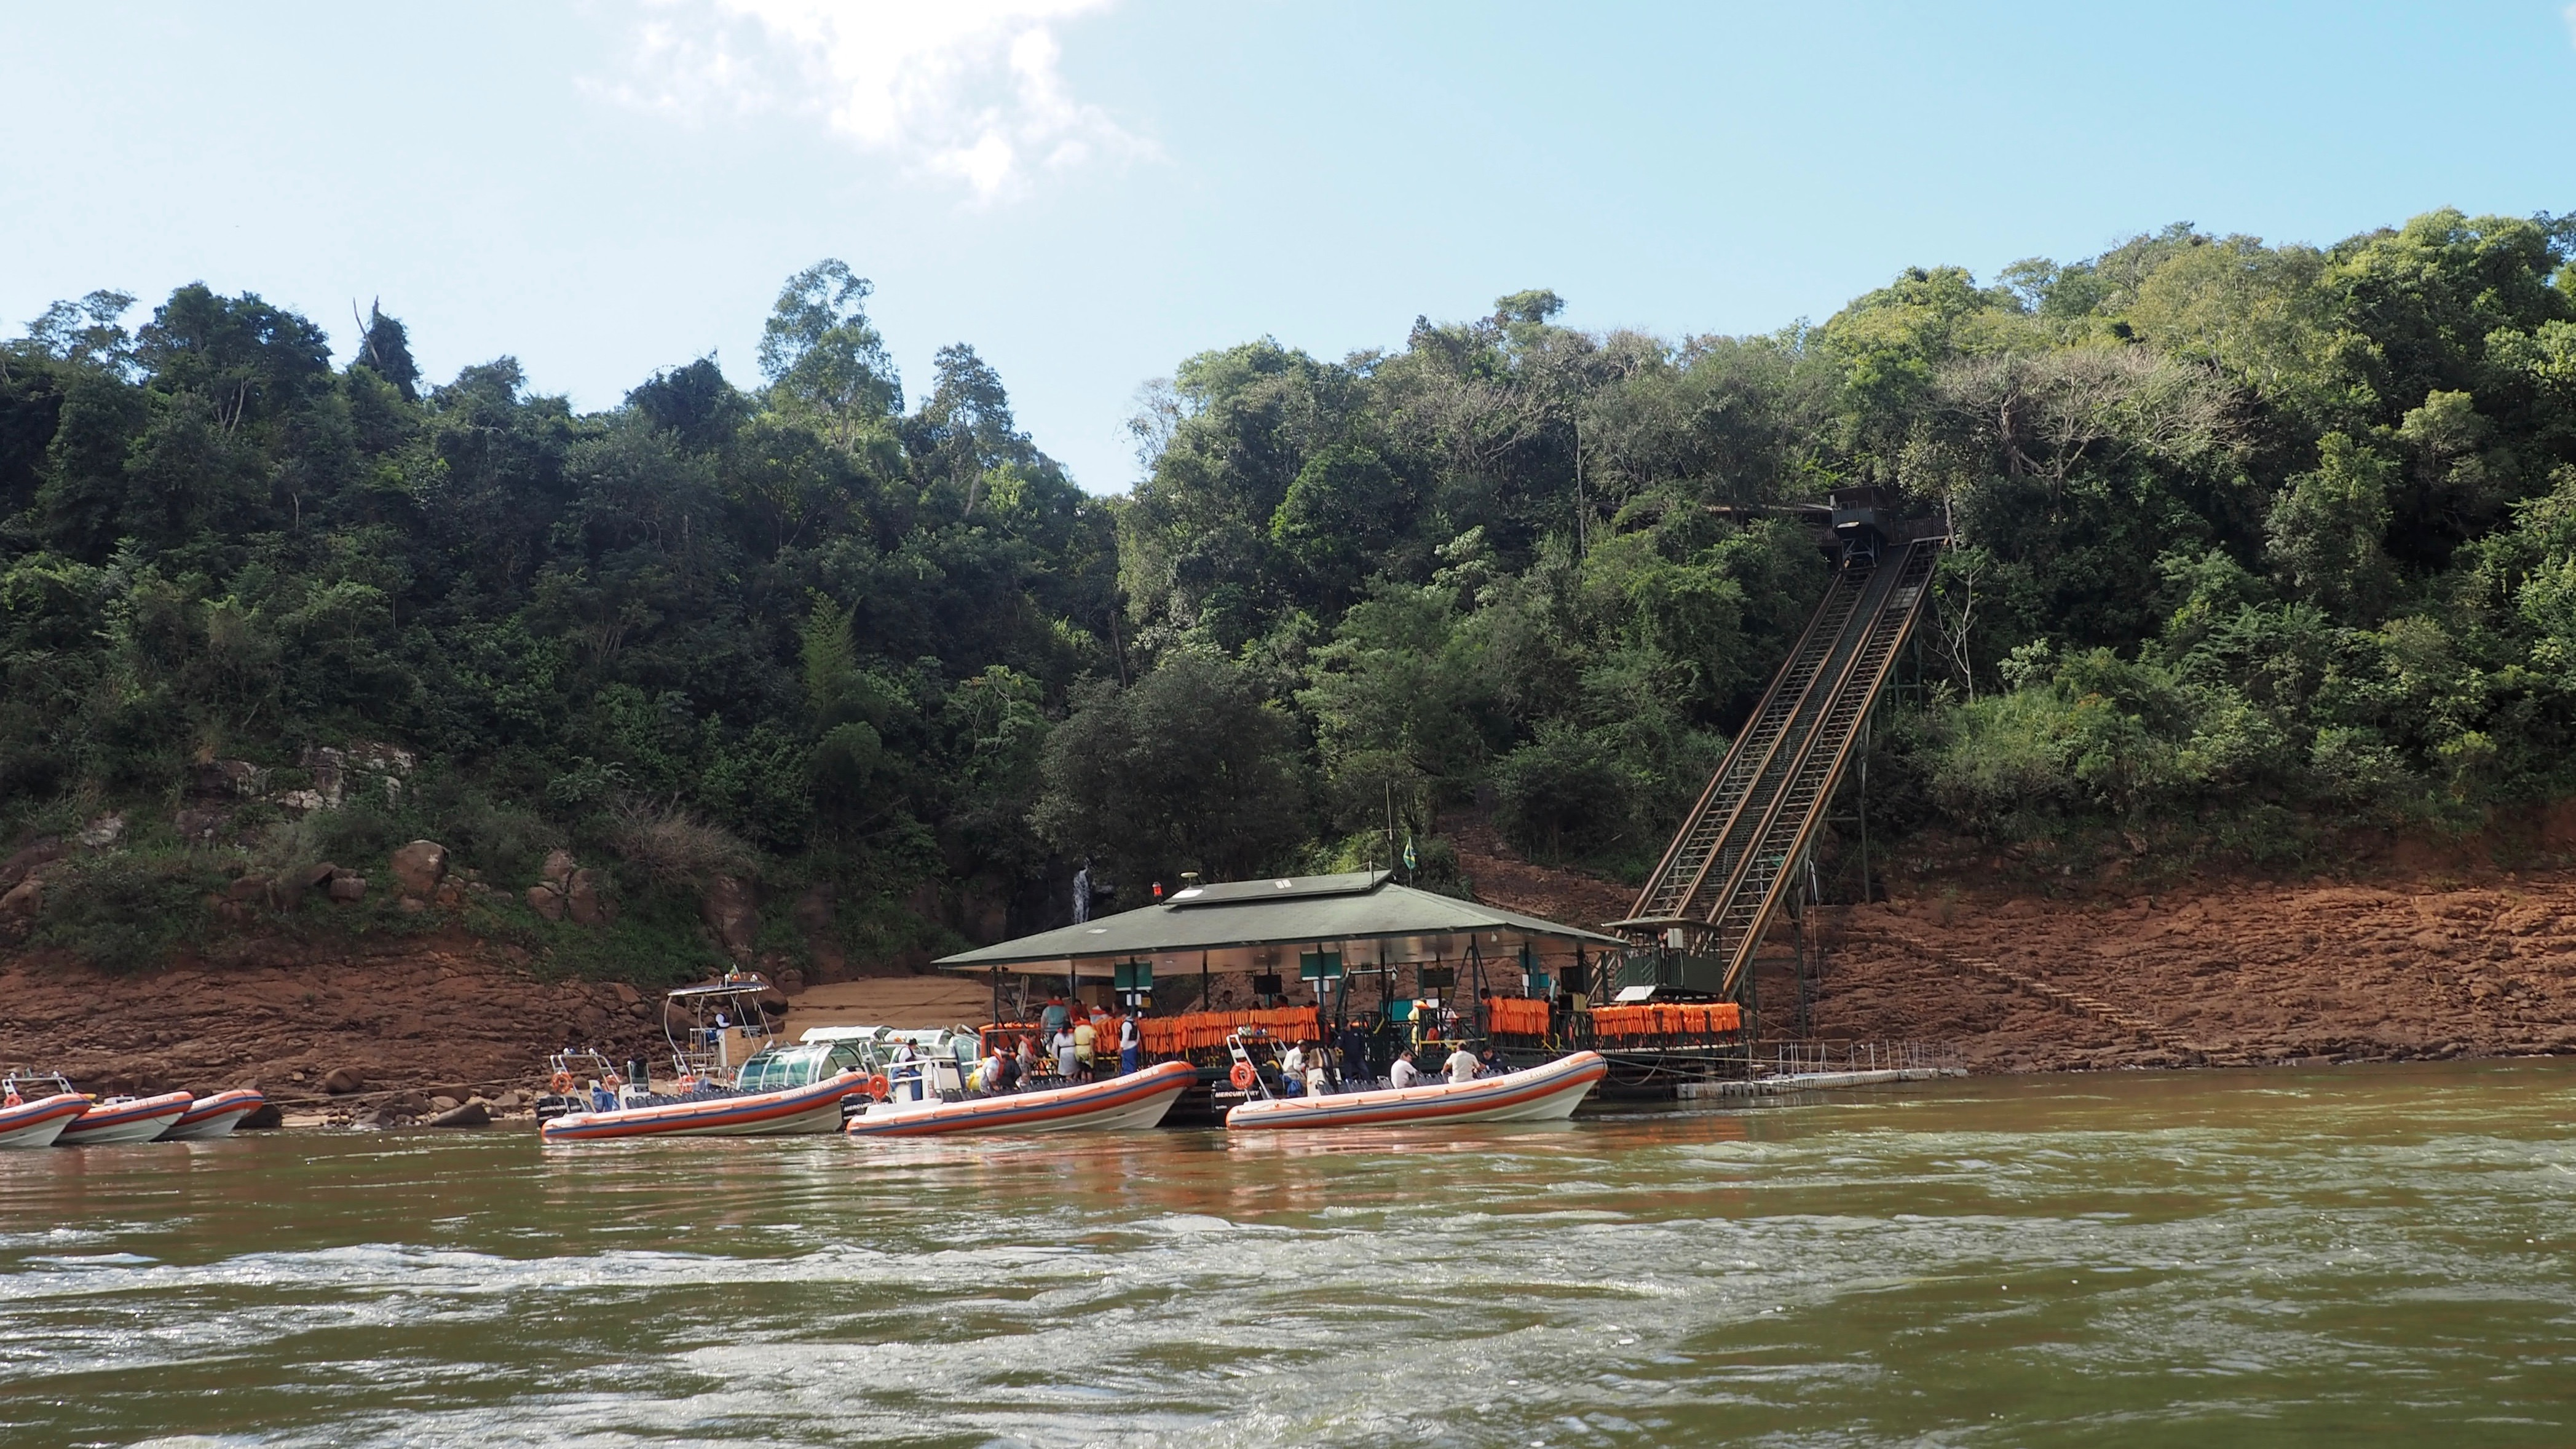 Lanchas para meterse debajo de las Cataratas; una de las actividades que hacer en las Cataratas del Iguazú